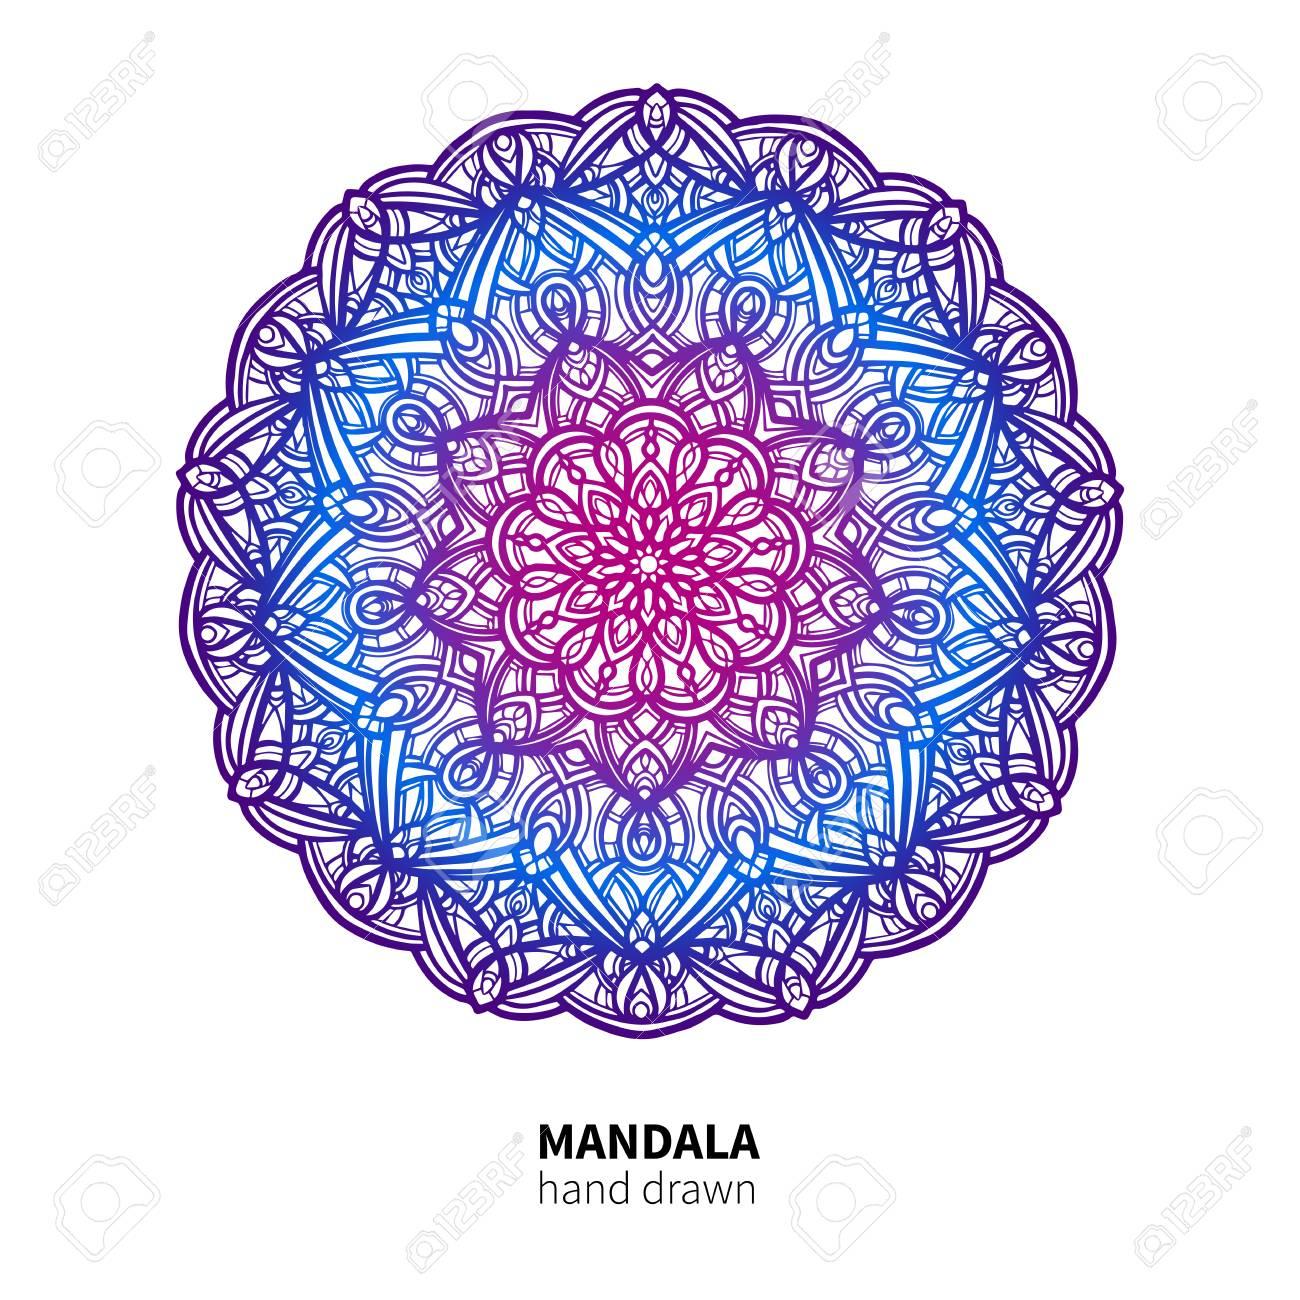 Dessin Vectoriel De Fleur De Mandala. Élément Décoratif Coloré Ethnique. destiné Dessiner Un Mandala